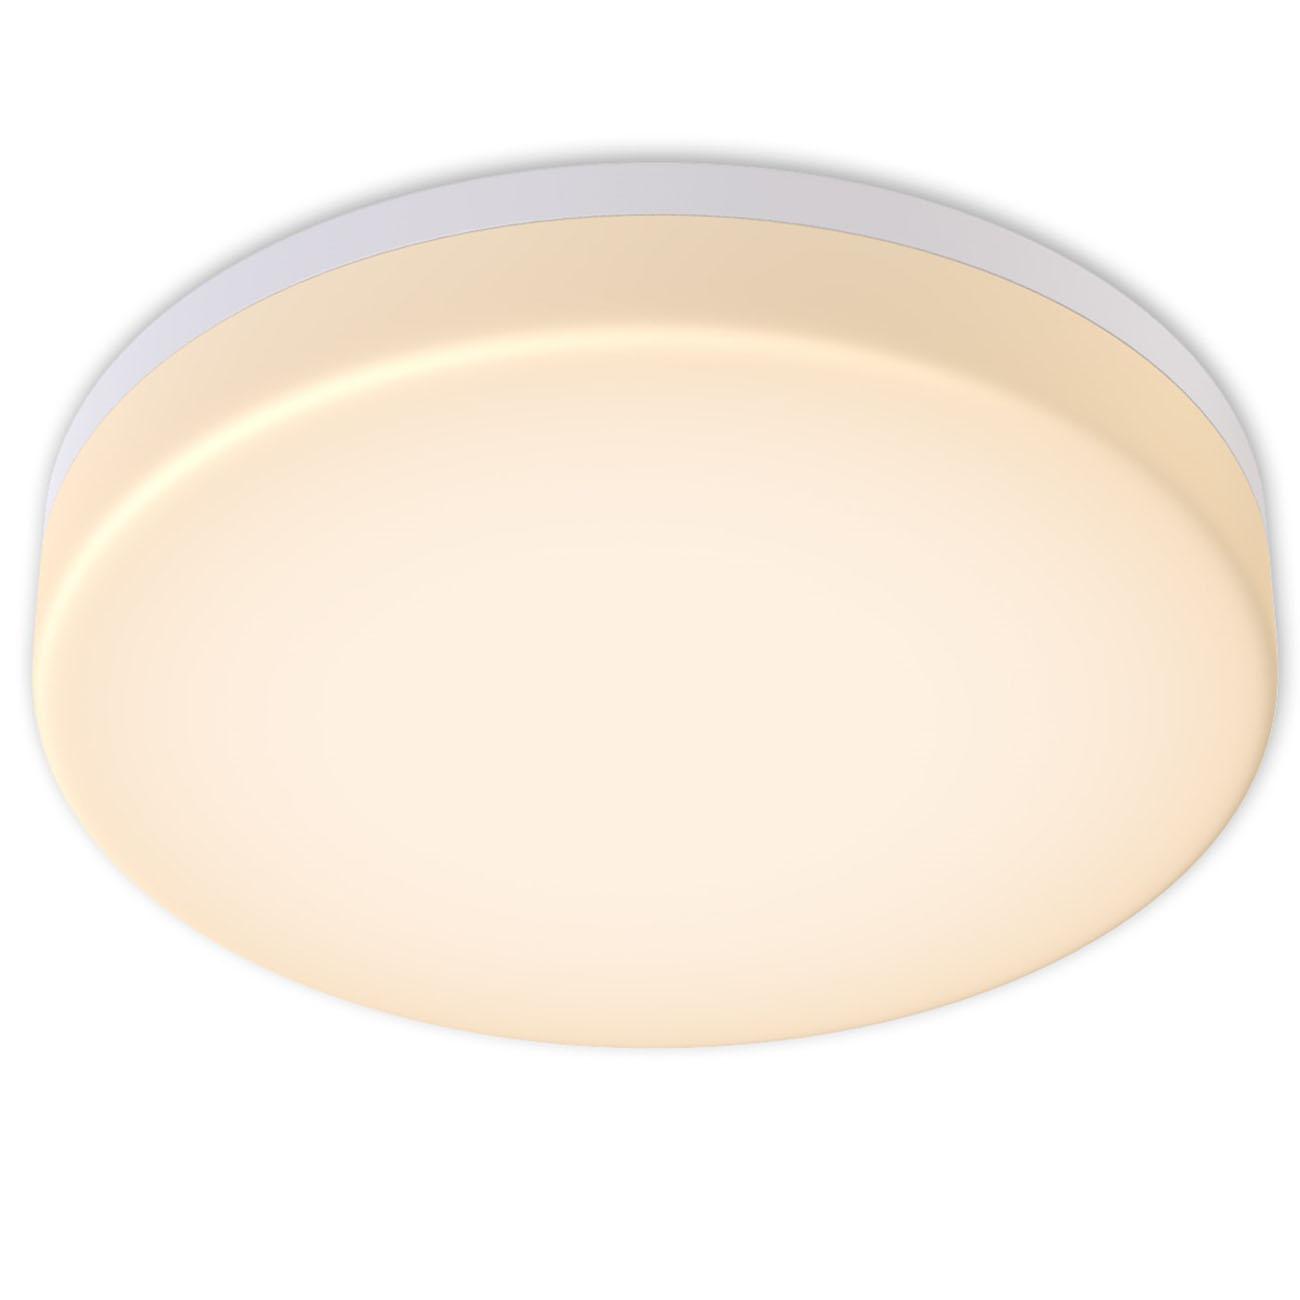 LED Deckenleuchte Badlampe IP54